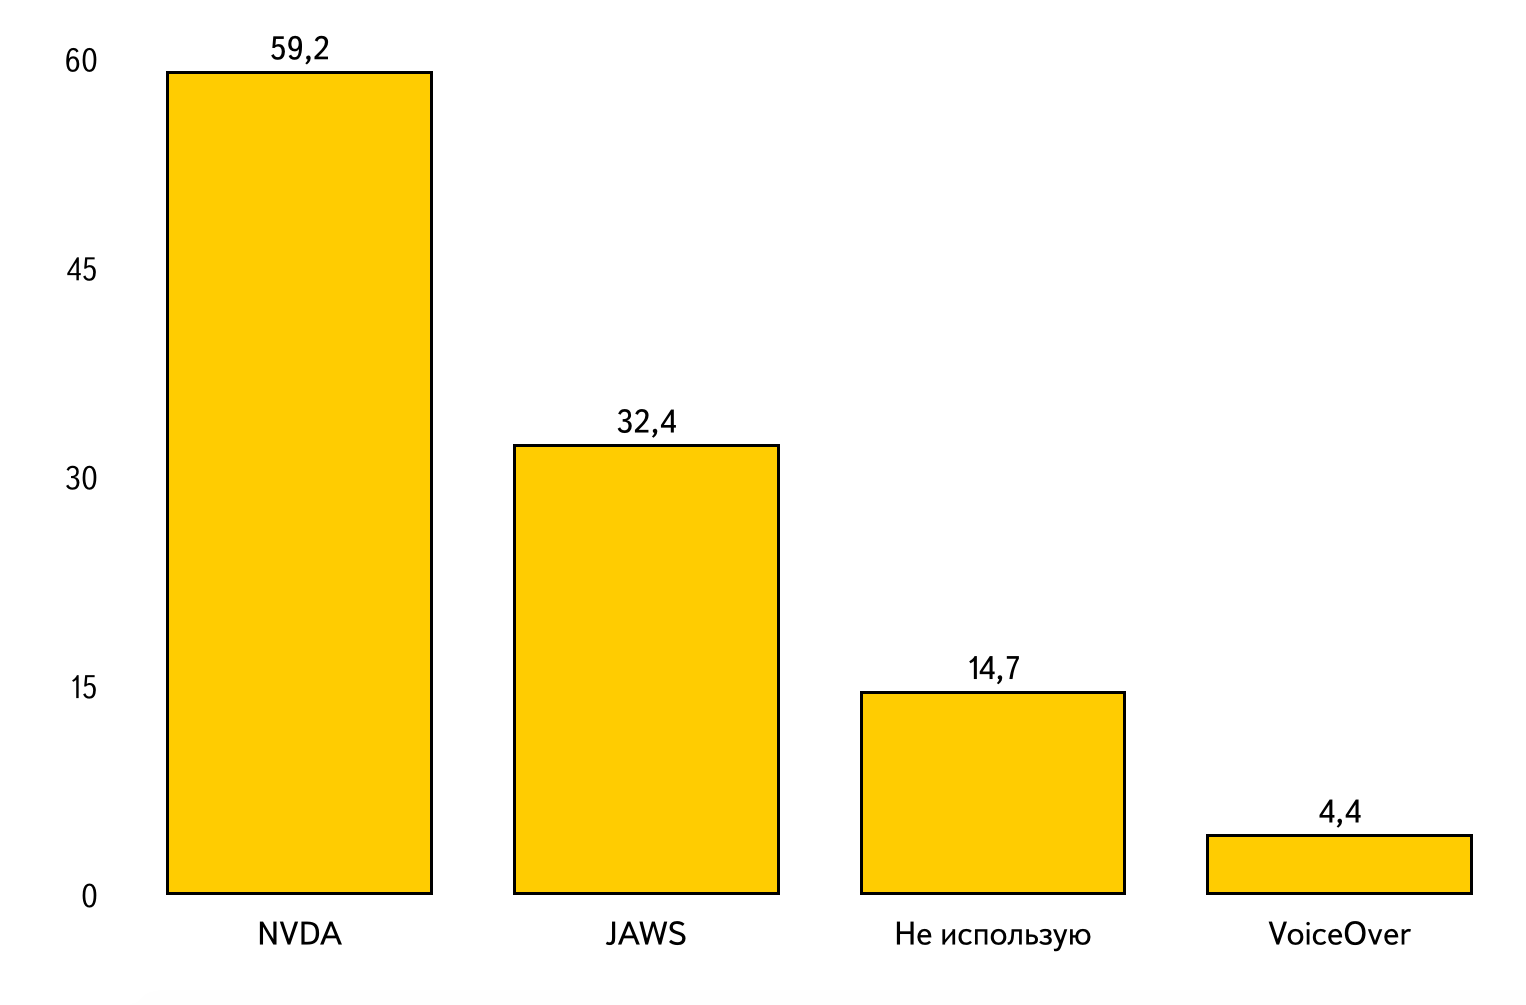 Диаграмма по данным таблицы 8